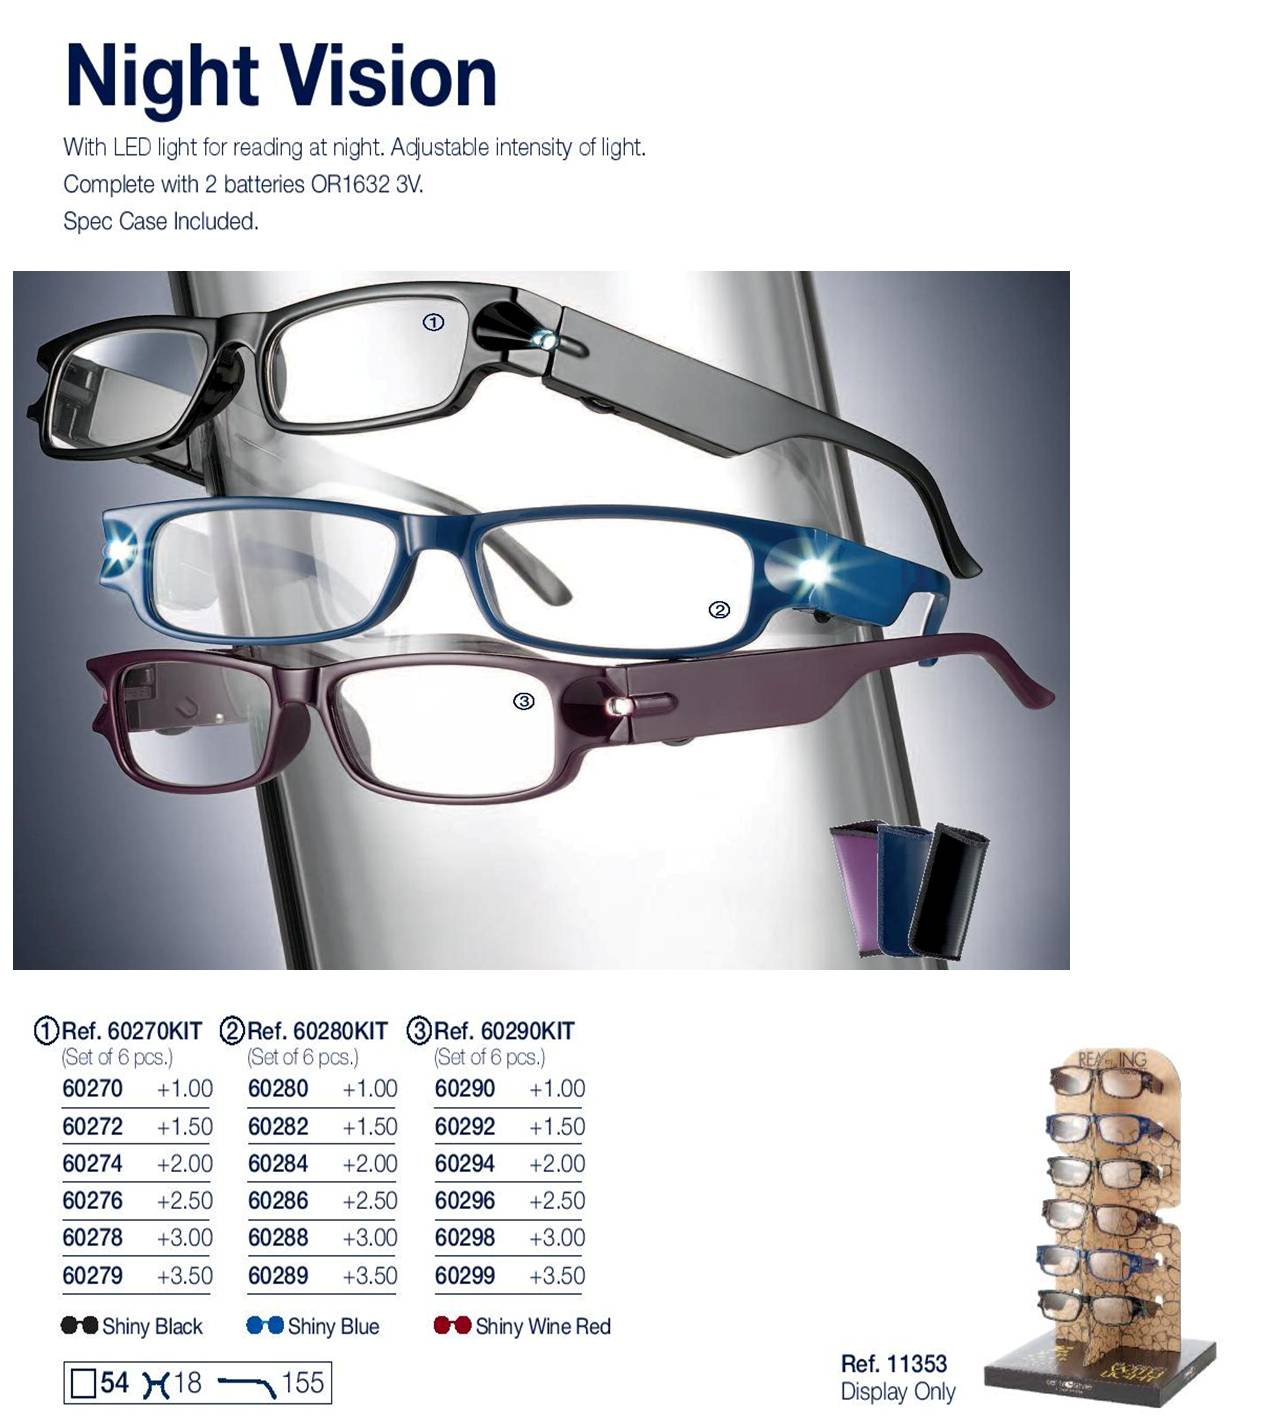 0260292 - Óculos Leitura Night Vision Bordo +1,50 Mod 60292 FLAG 9 - Contém 1 Peça